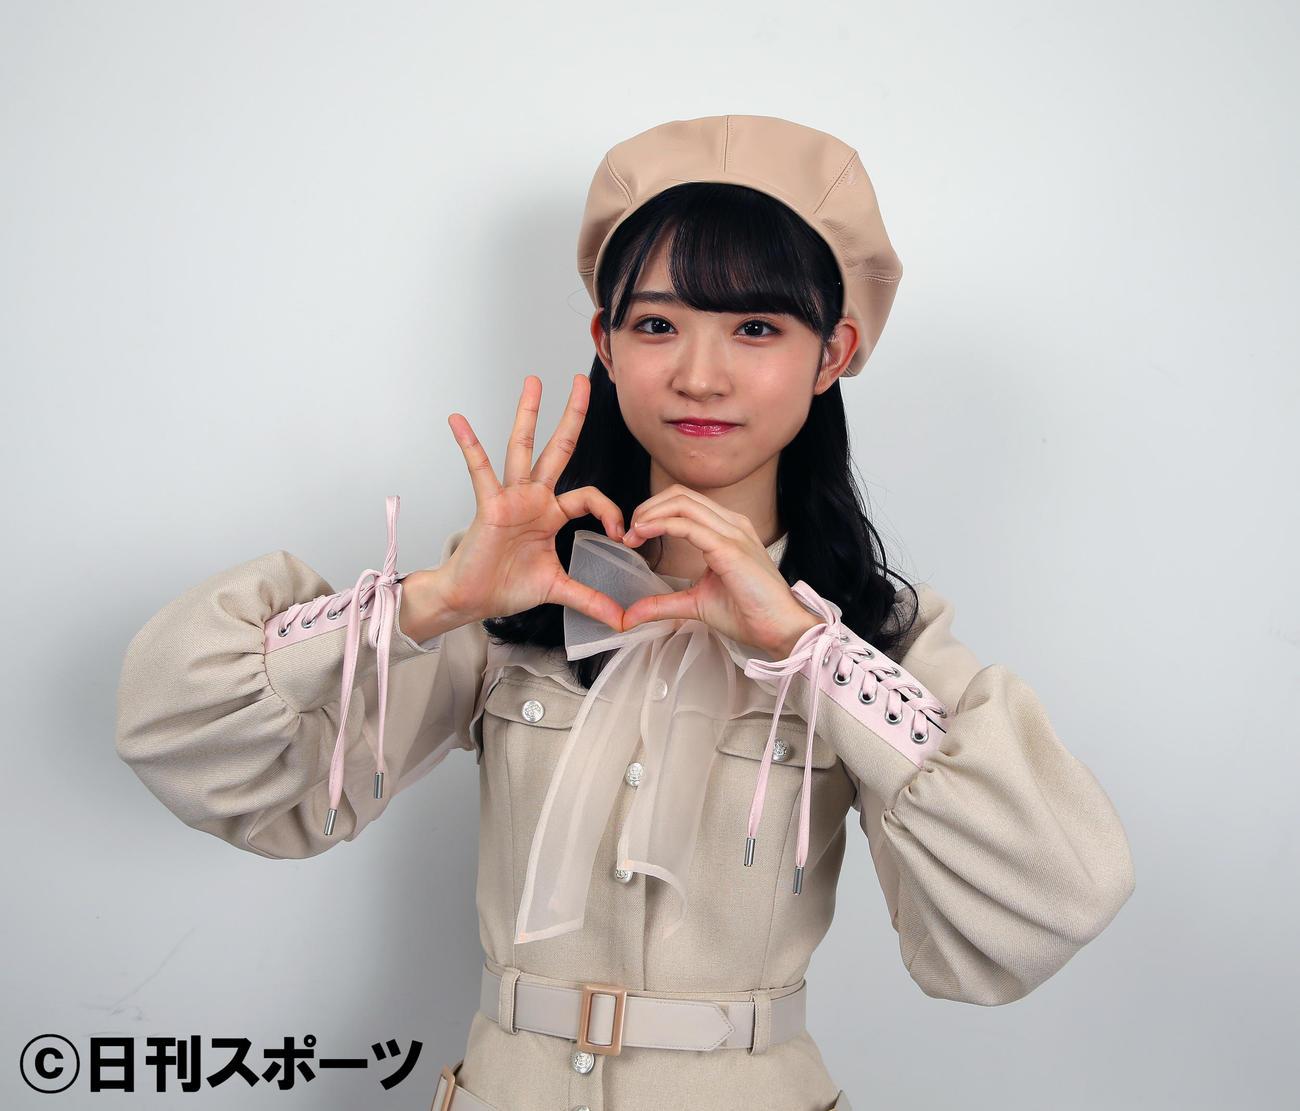 「ハーグー」ポーズの、失恋を表す左右非対称のハートマークを作るAKB48山内瑞葵(撮影・大野祥一)